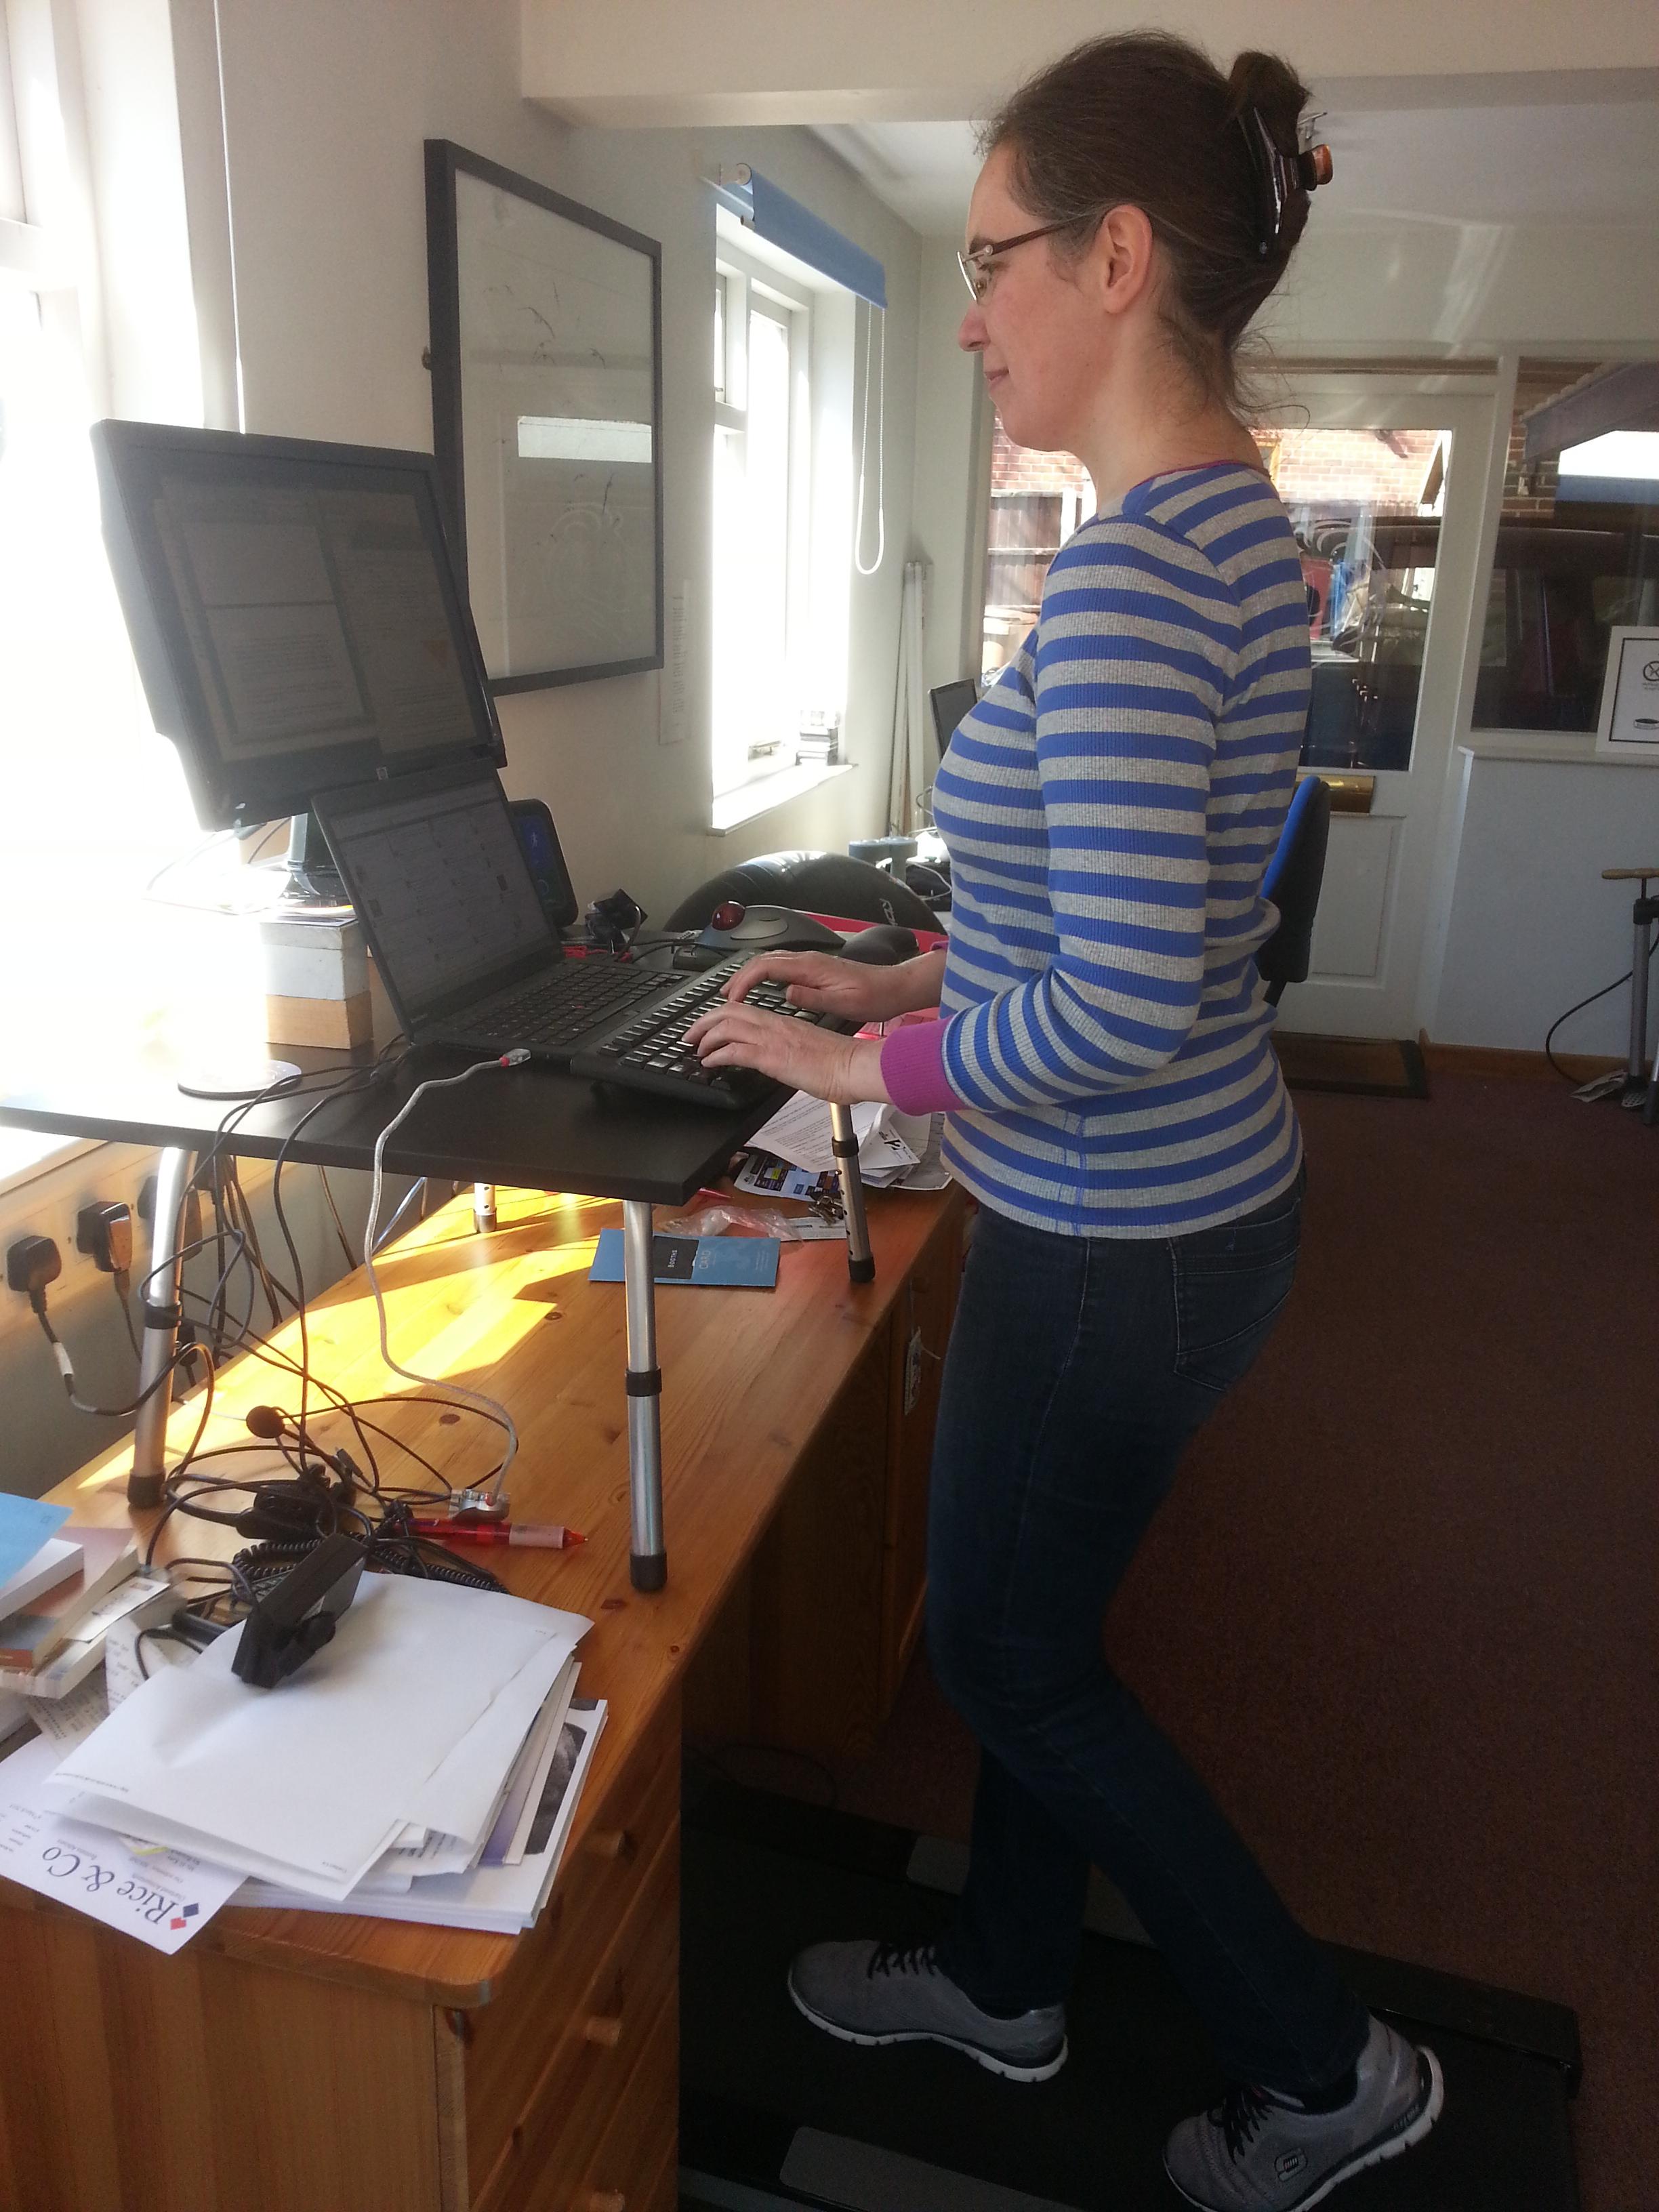 desk cb trekdesk marsh espinet wordpress sandra pi treadmill under